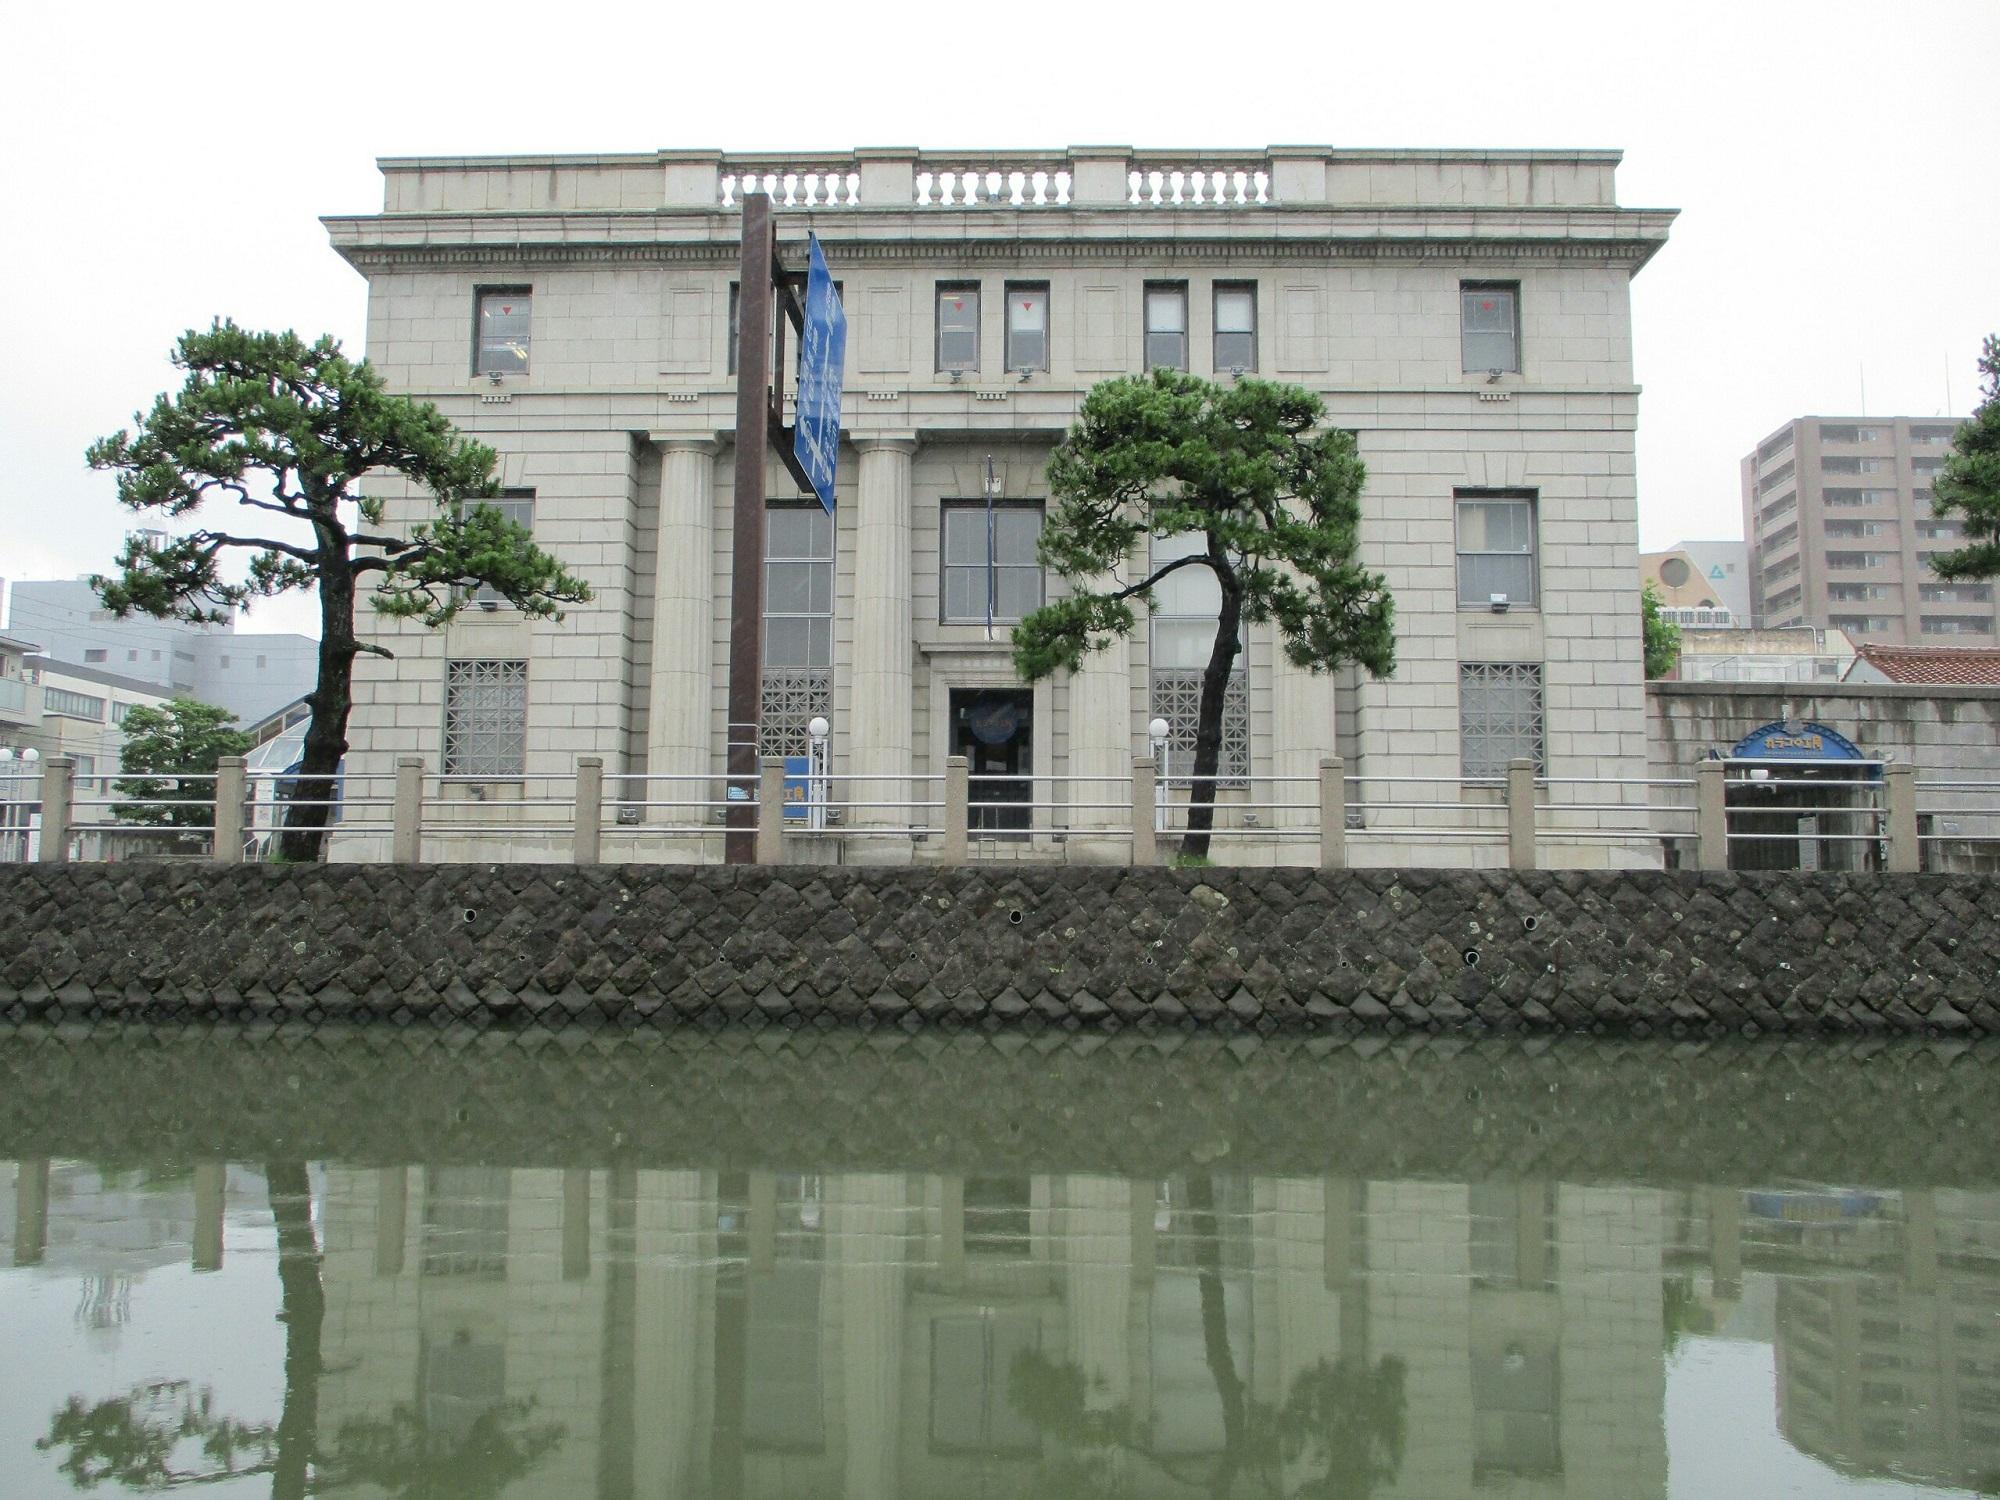 2018.7.7 (23) ぐるっと松江堀川めぐりぶね - カラコロ工房 2000-1500